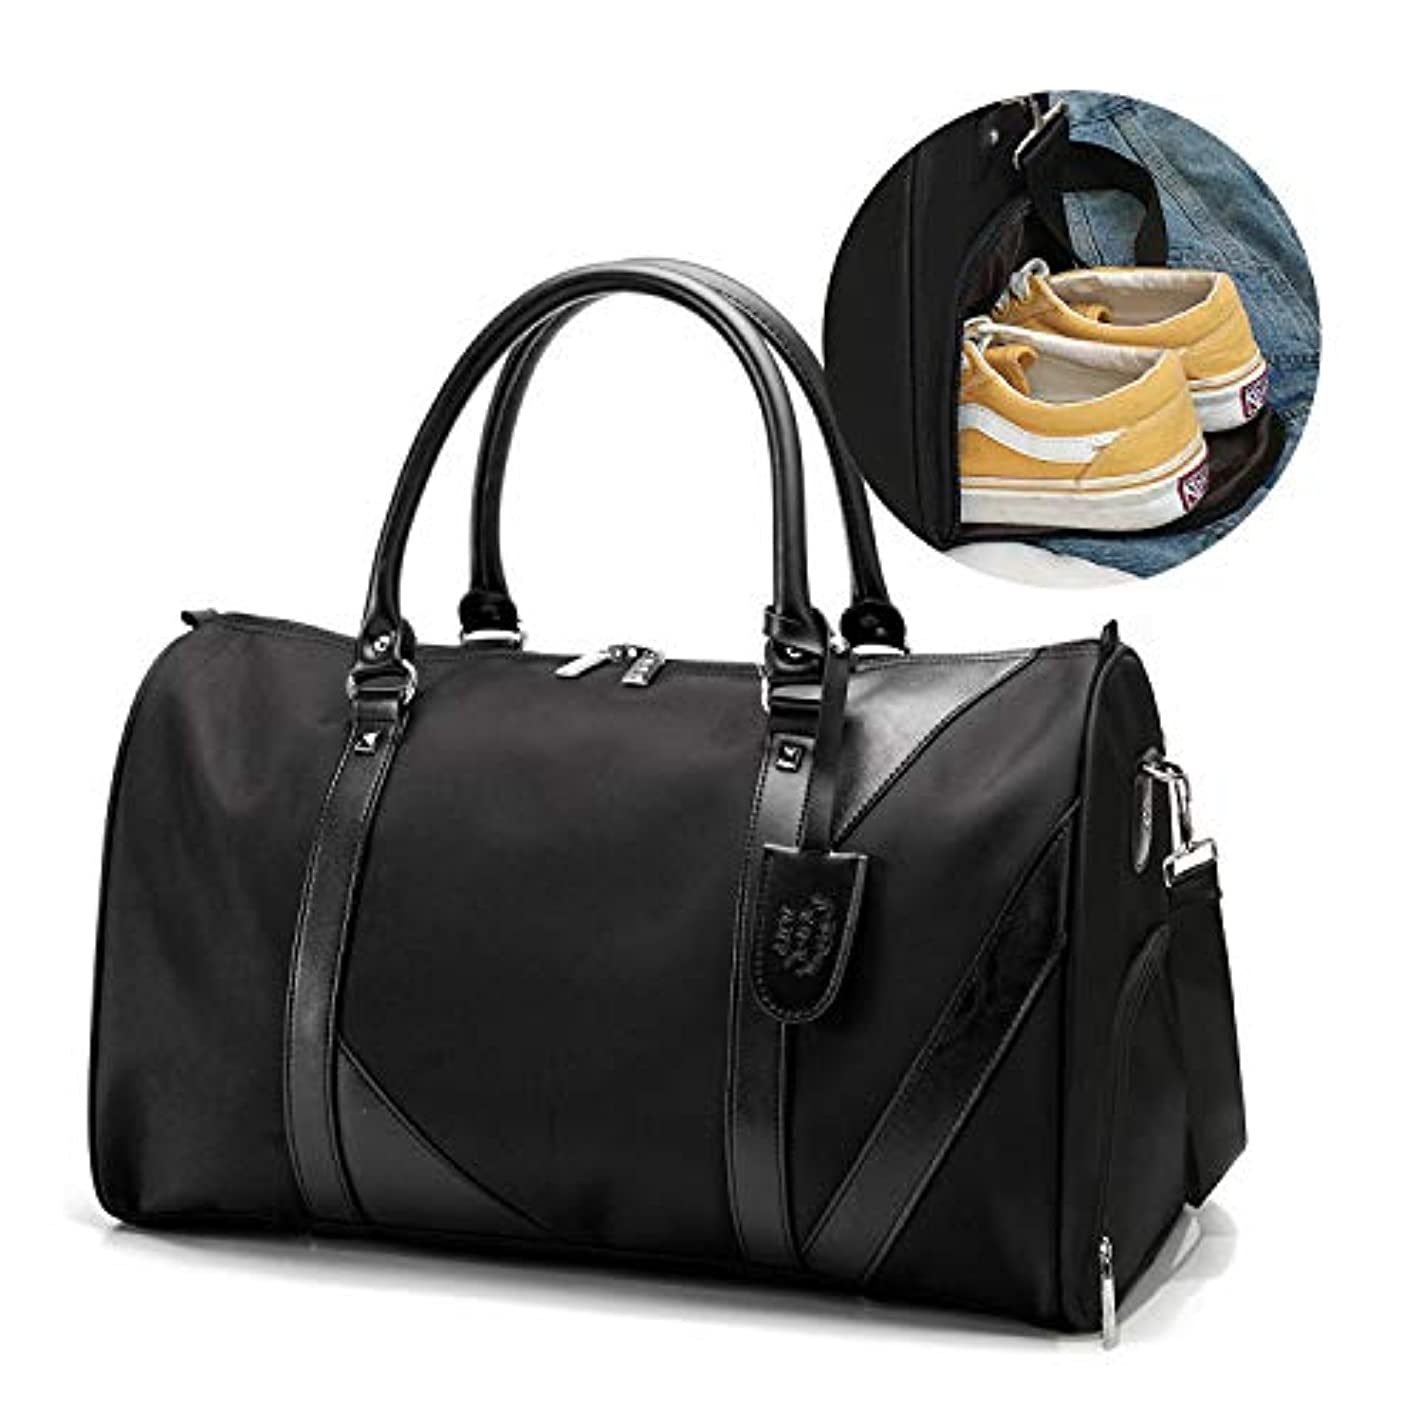 ベッド生きているペリスコープ[TcIFE]ボストンバッグ レディース メンズ スポーツダッフルバッグ ガーメントバッグ 大容量 修学 旅行トラベルバッグ シューズ収納バッグ